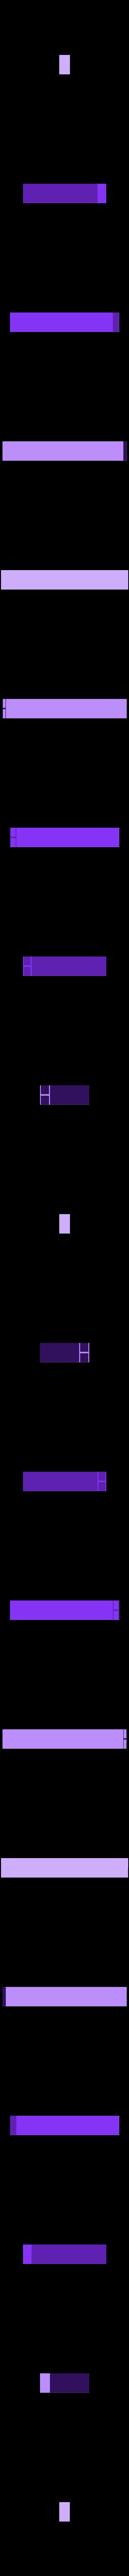 support kapla double fermé 120 mm.stl Télécharger fichier STL gratuit support pour jeu kapla • Modèle pour impression 3D, jerometheuil